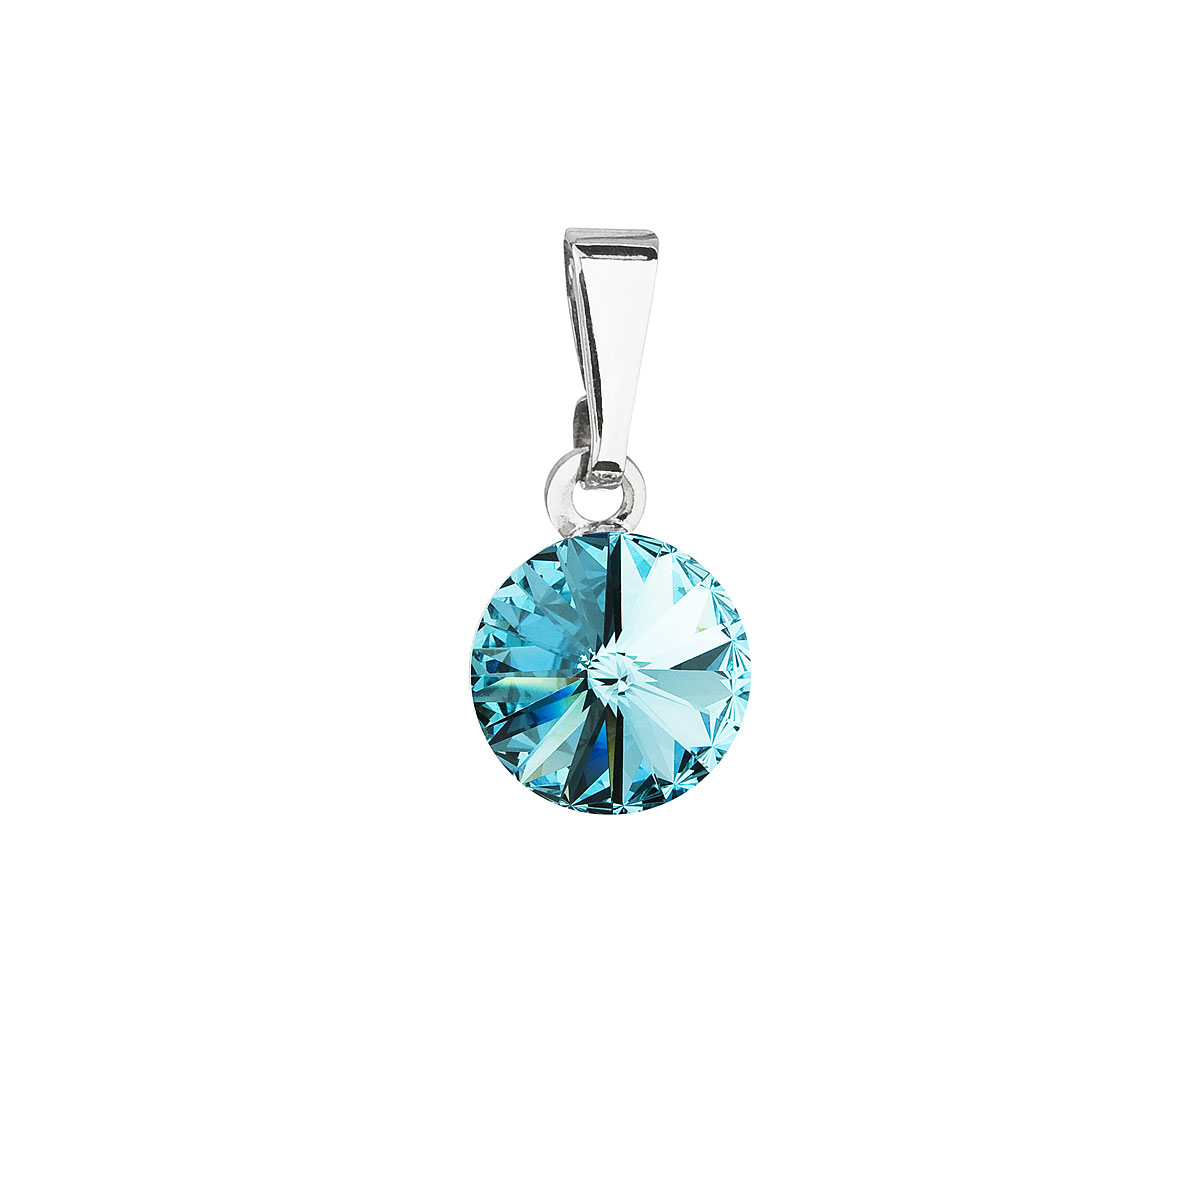 Evolution Group Přívěsek se Swarovski krystaly modrý kulatý 54018.3 turquoise